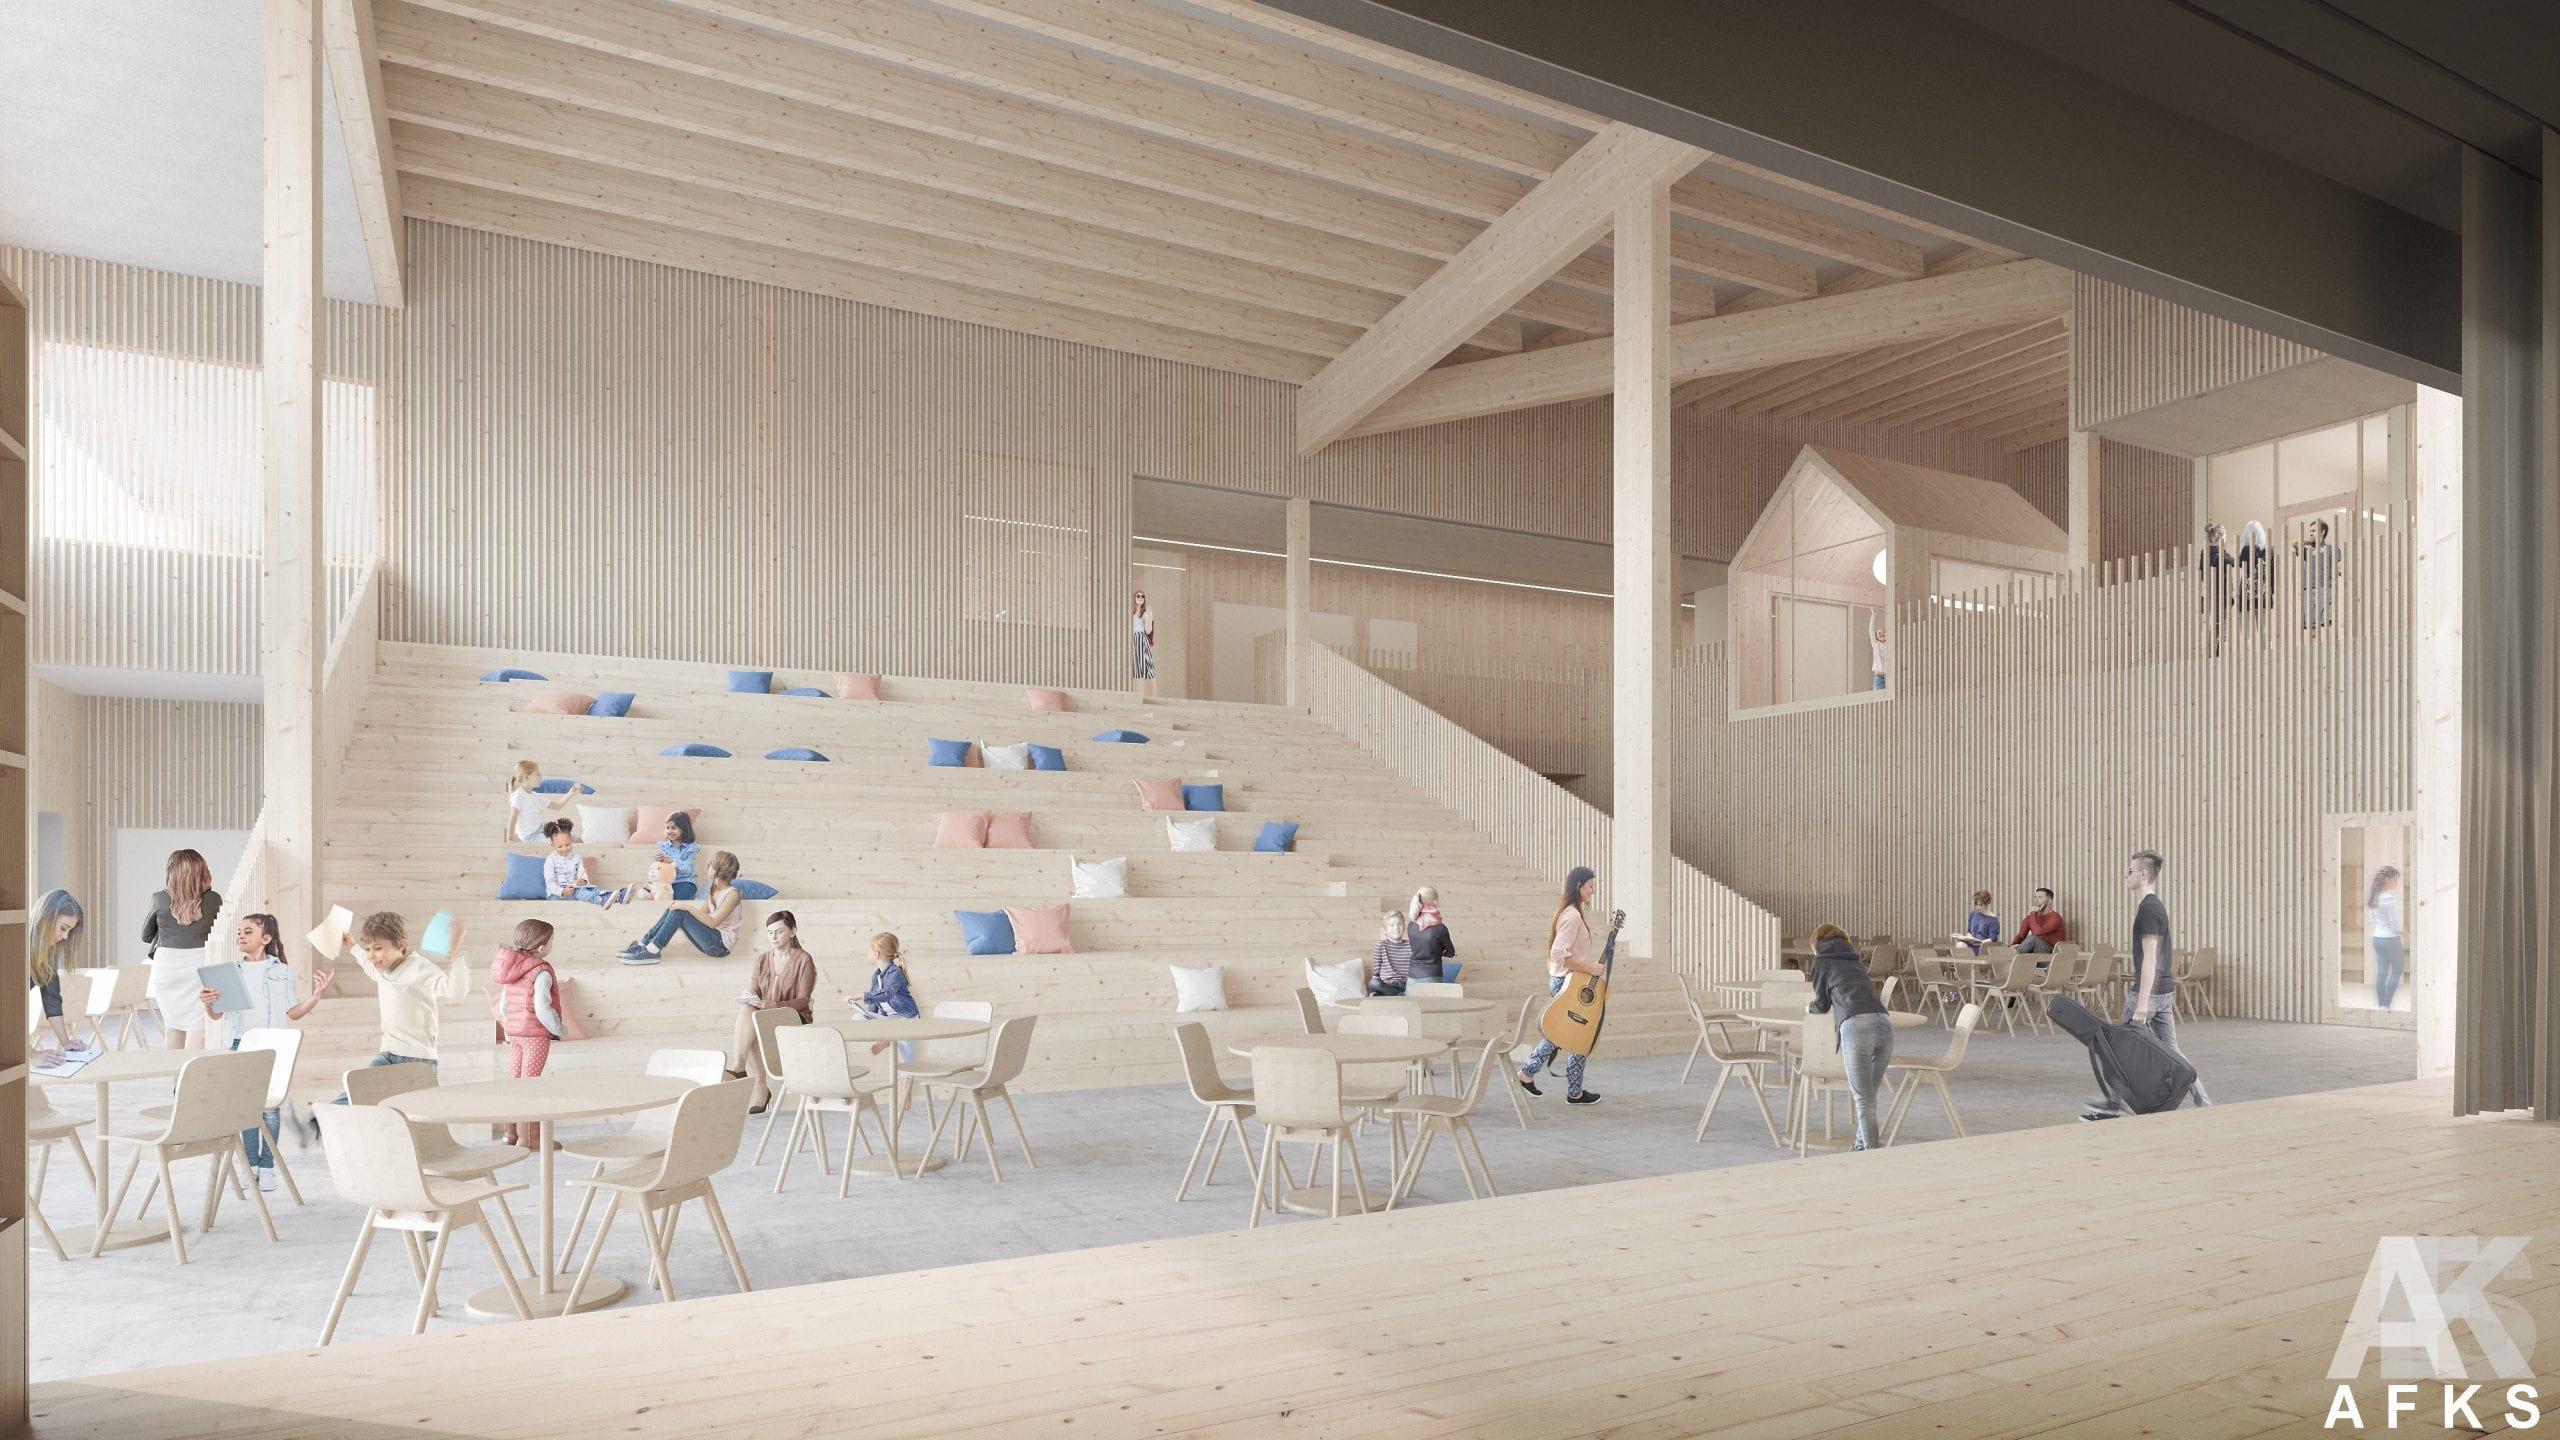 Koulurakennuksen aula, jossa oppilaita.